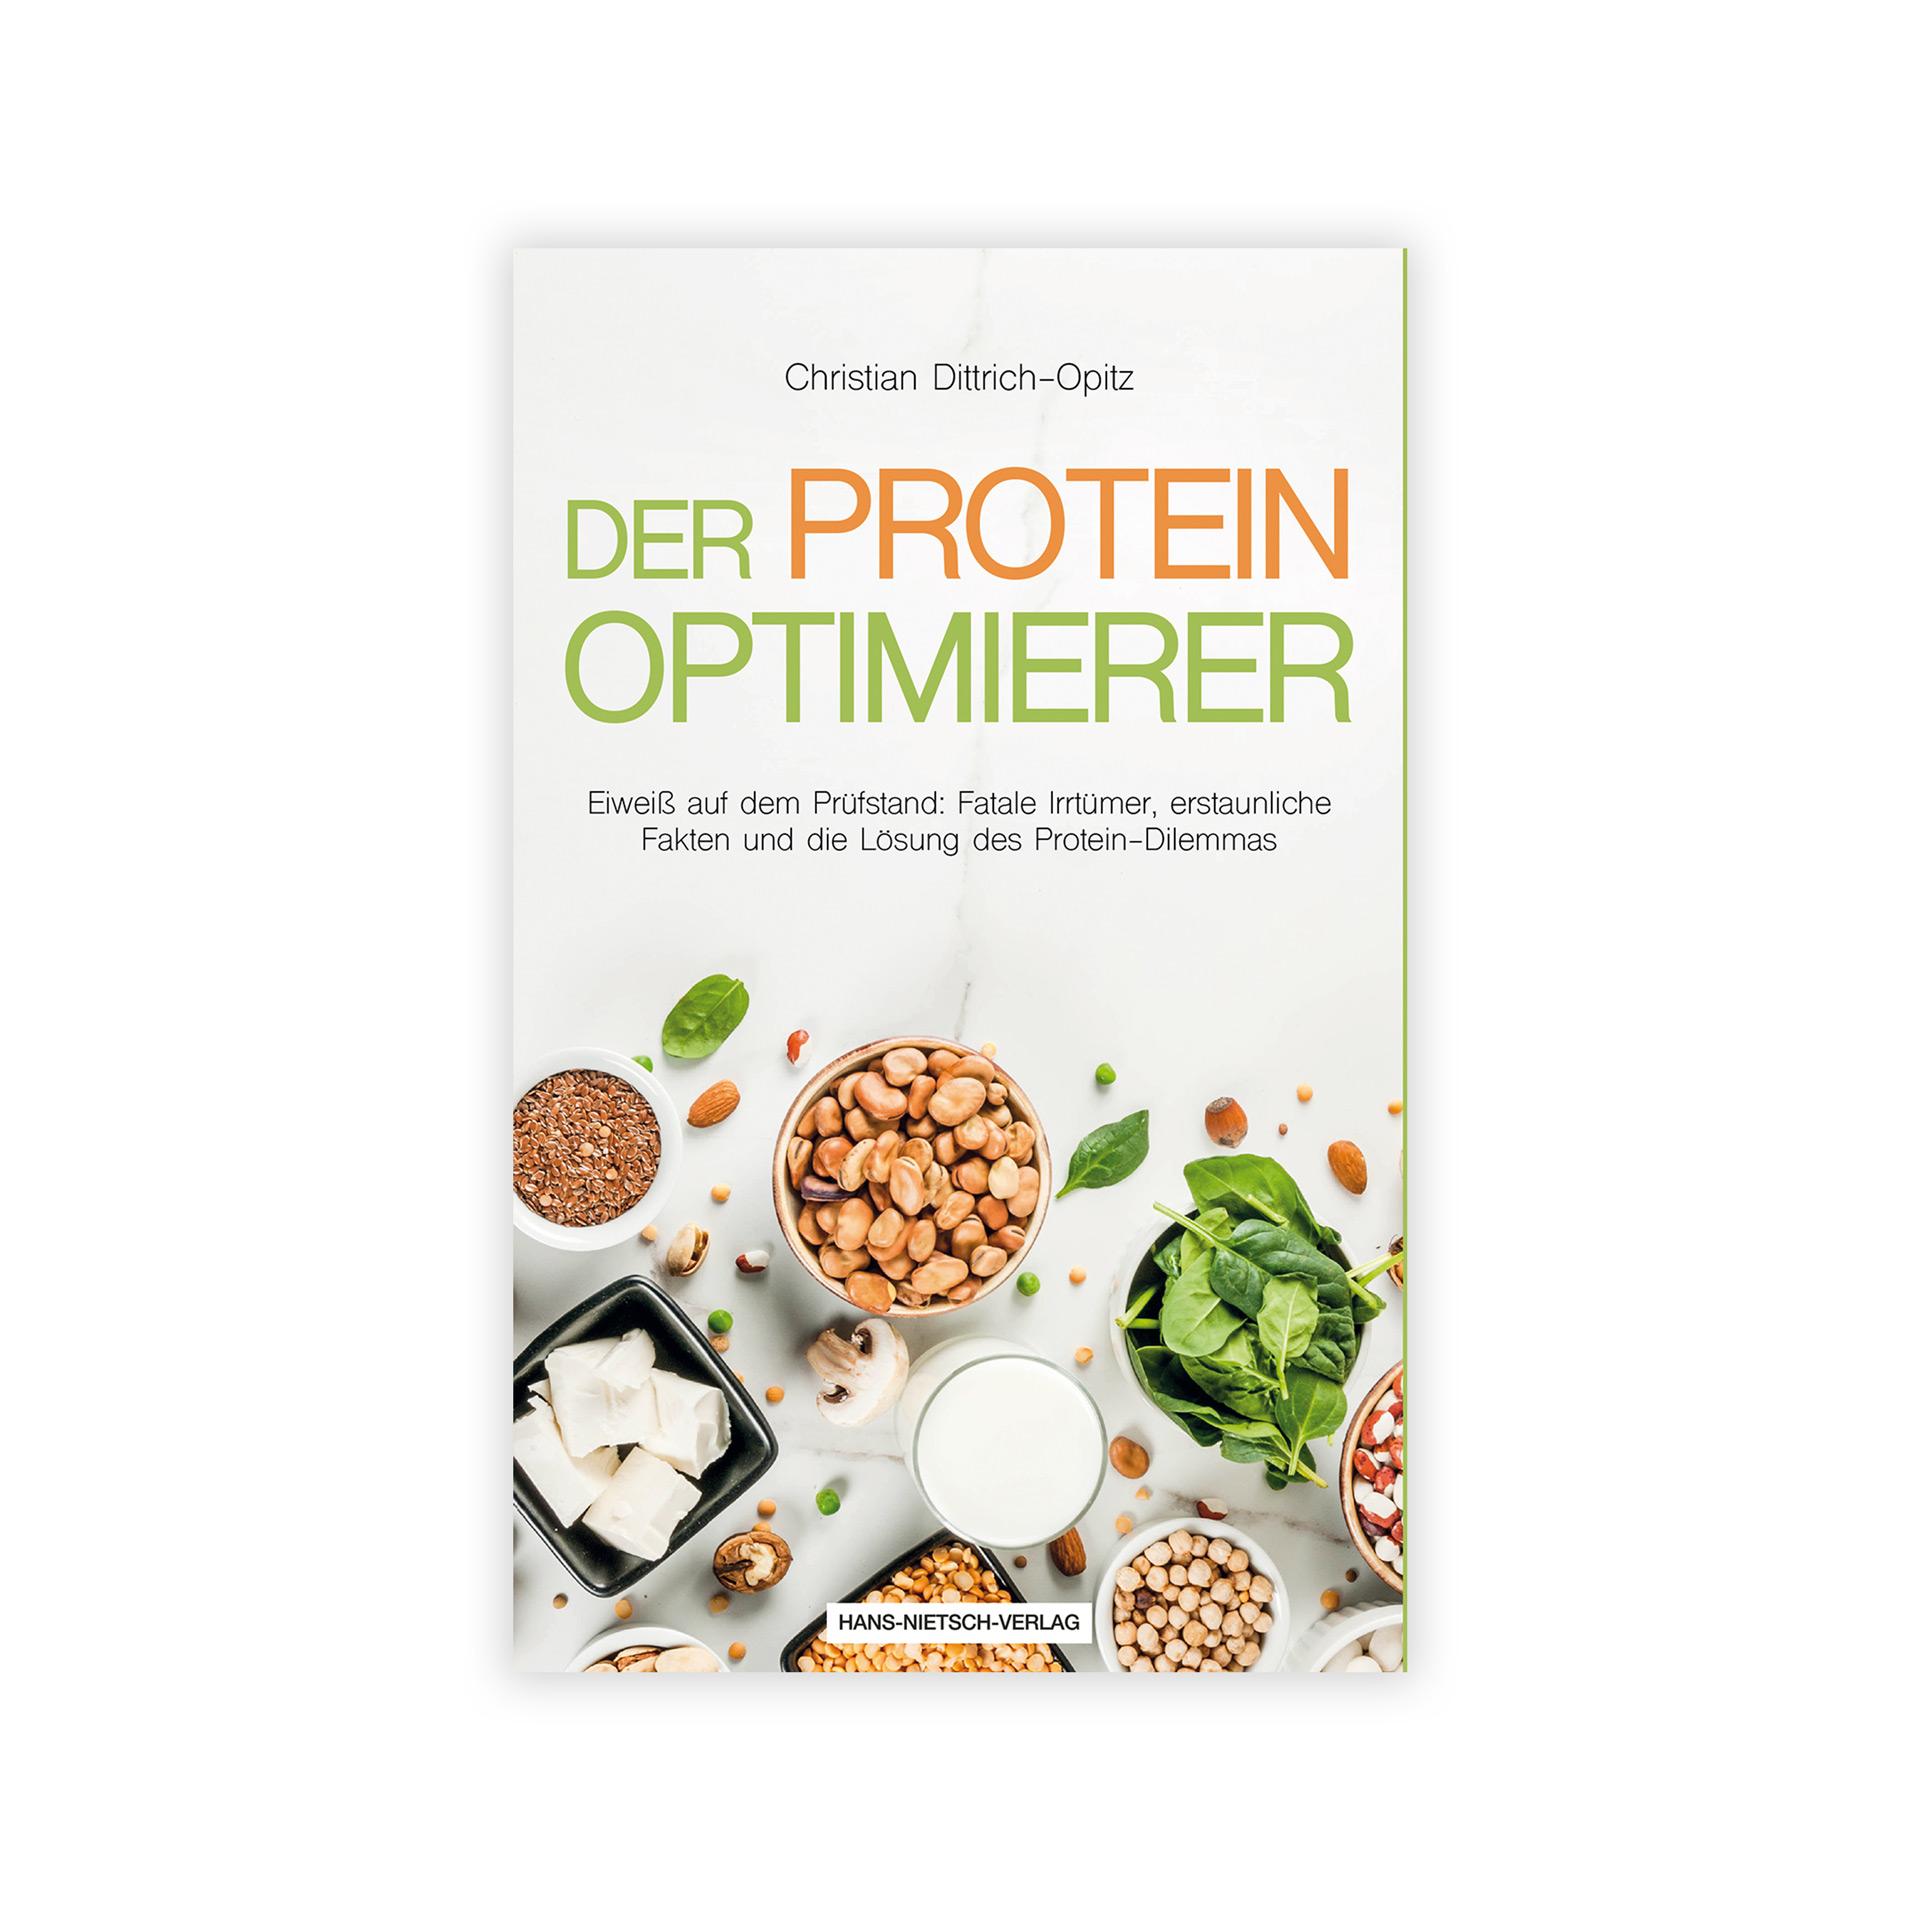 Der Protein Optimierer von Christian Dittrich-Opitz: Klärt Irrtümer zum Thema Proteine und gibt Anregungen zur optimierten Versorgung